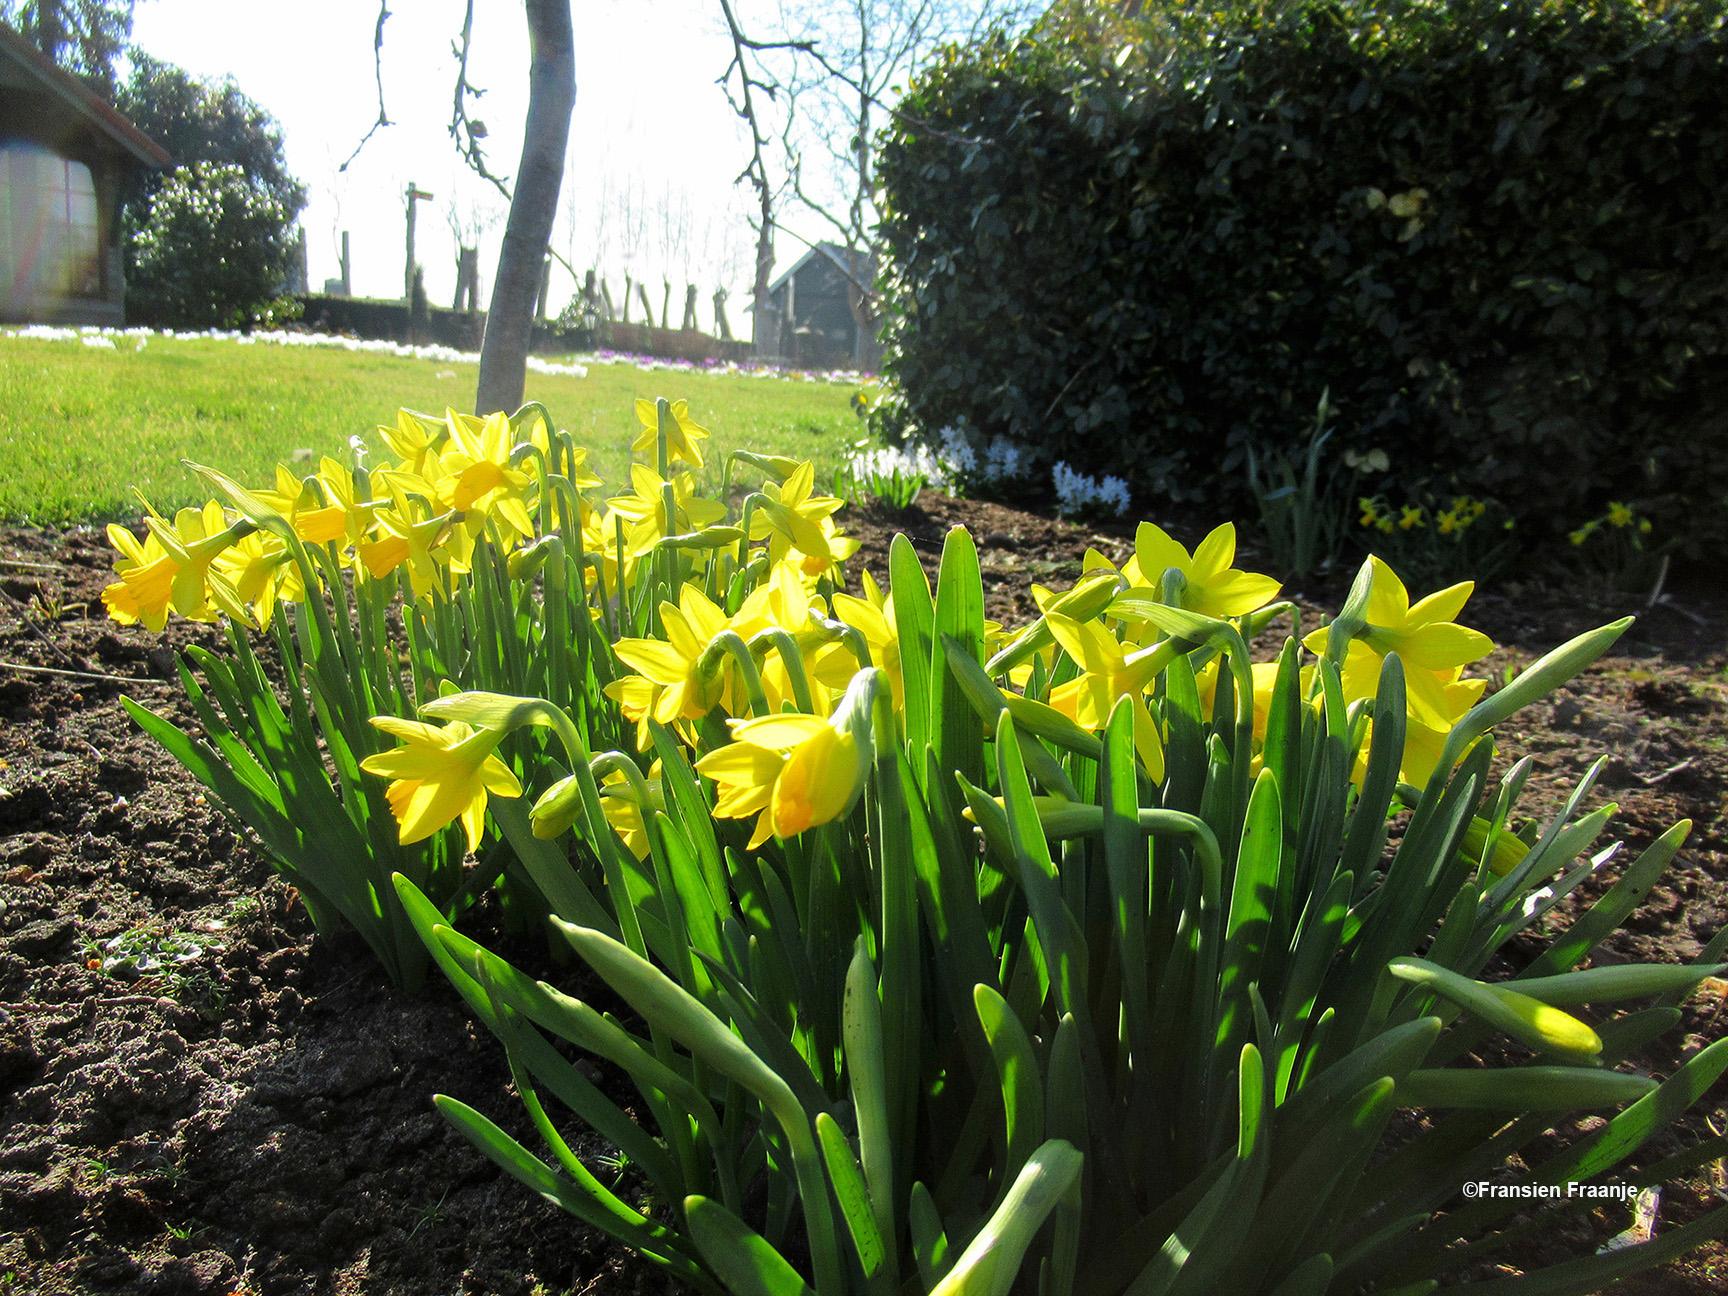 Ook de prachtige narcissen bloeien - Foto: ©Fransien Fraanje